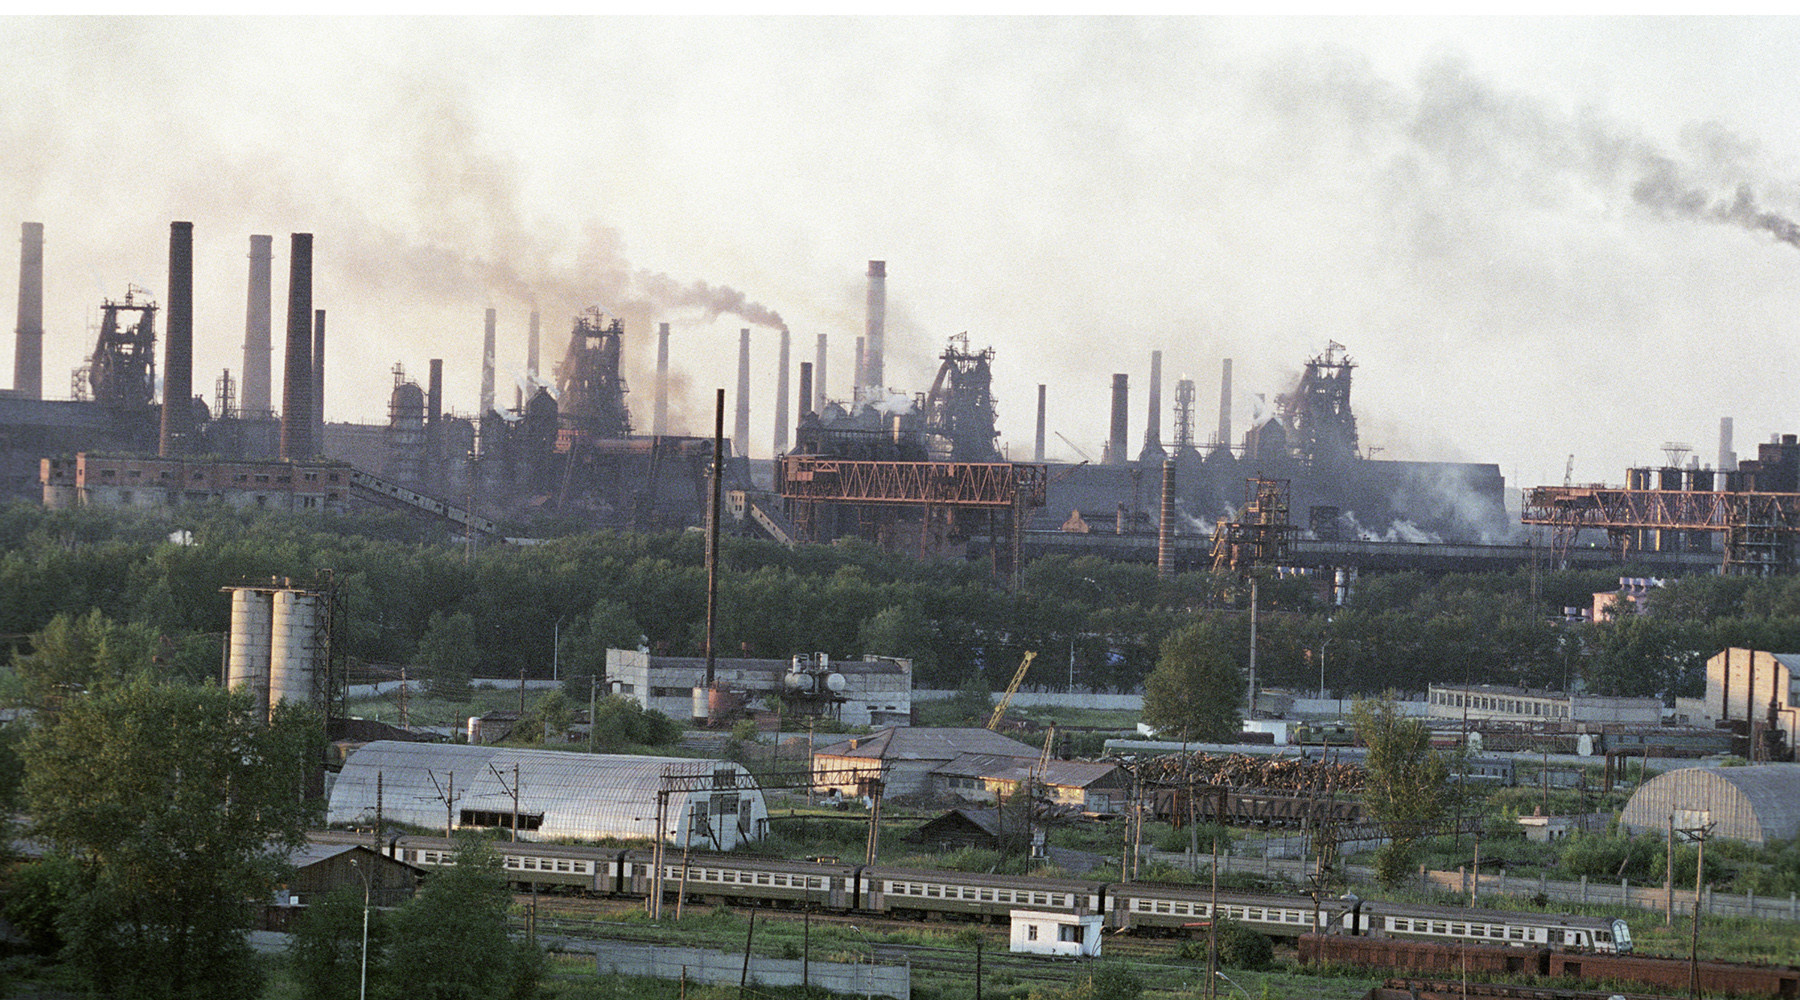 Путин поручил Генпрокуратуре разобраться с невыплатами на заводе в Нижнем Тагиле